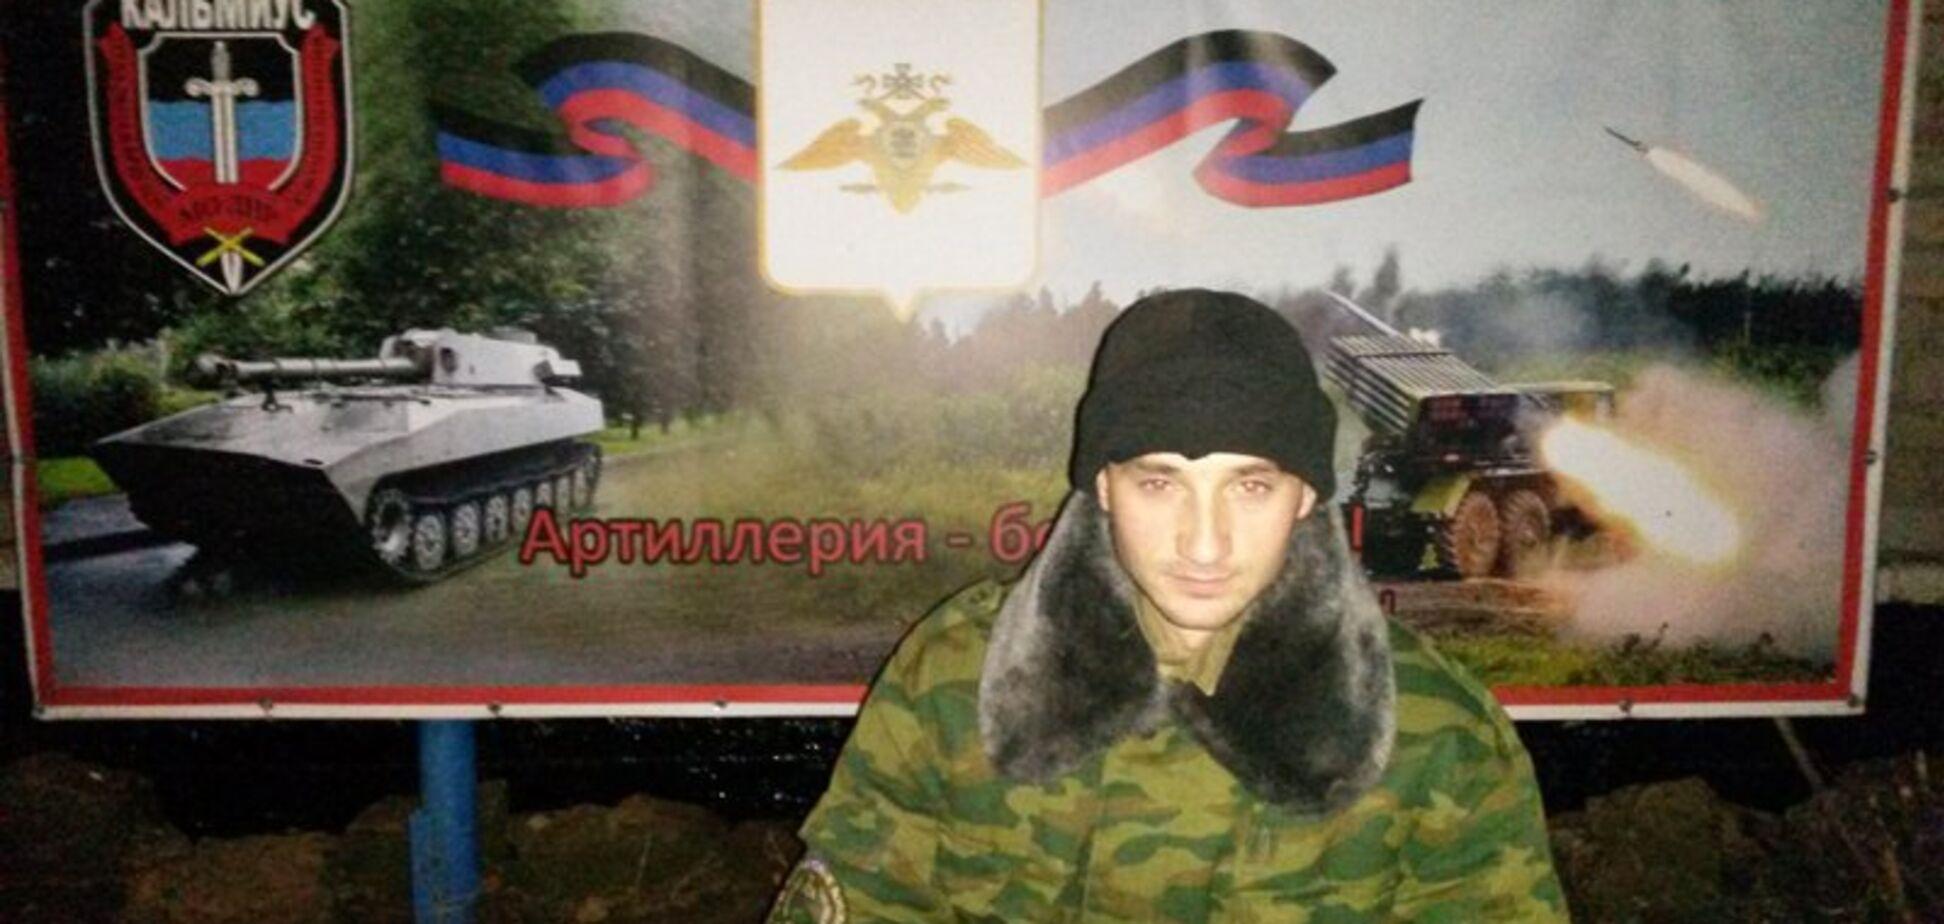 'Вовченя' убите: стало відомо про ліквідацію терориста 'ДНР'